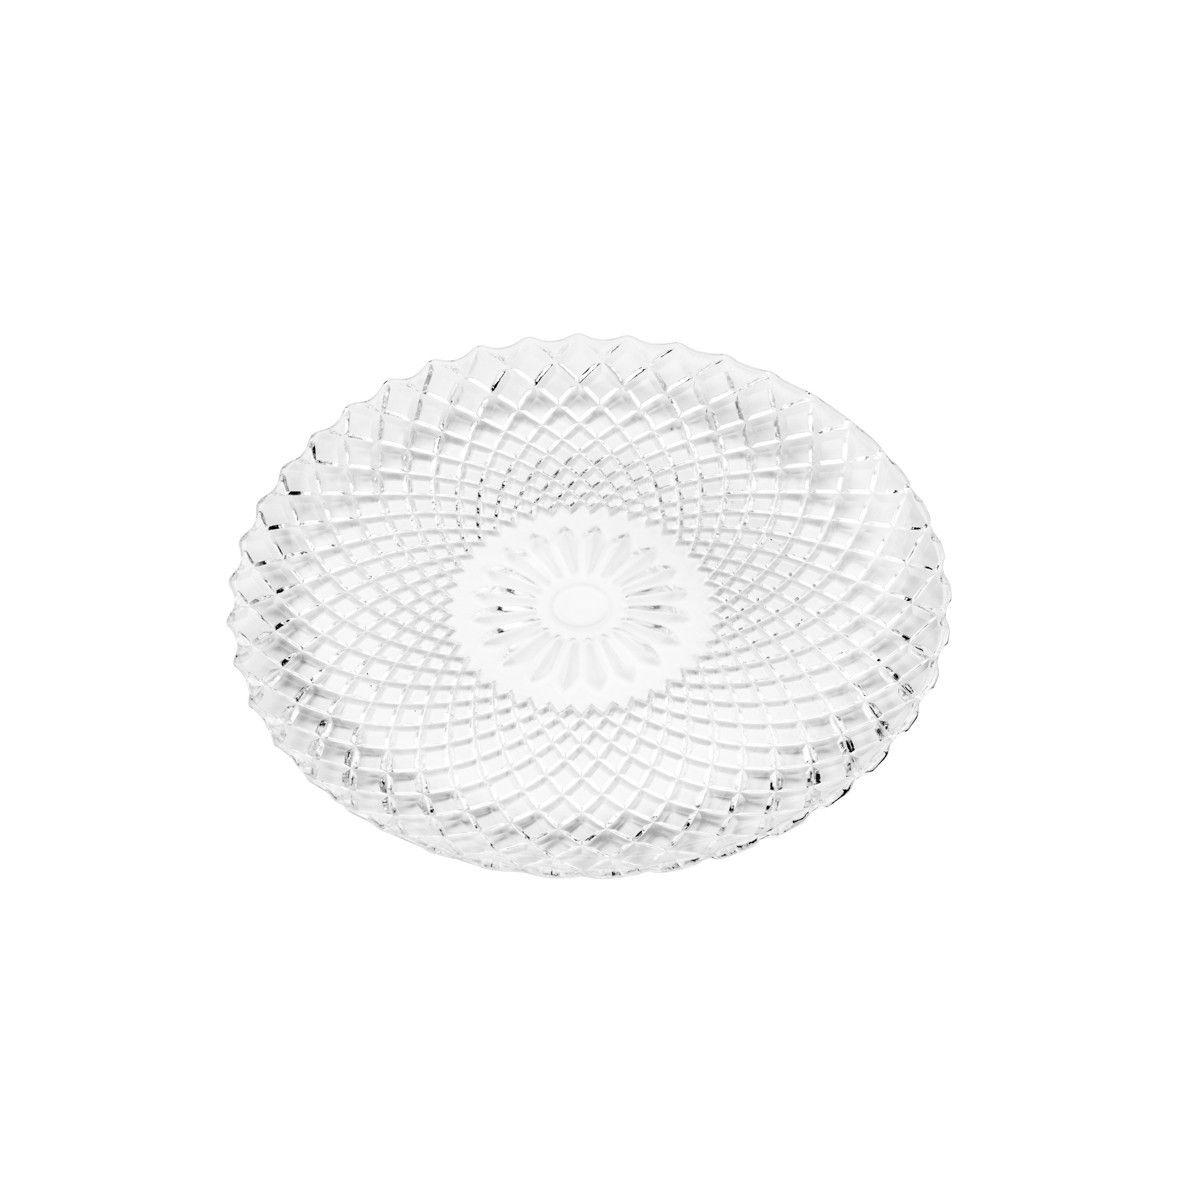 Conjunto de Pratos de Sobremesa Bon Gourmet Grid Transparente 35540 - 7 Peças